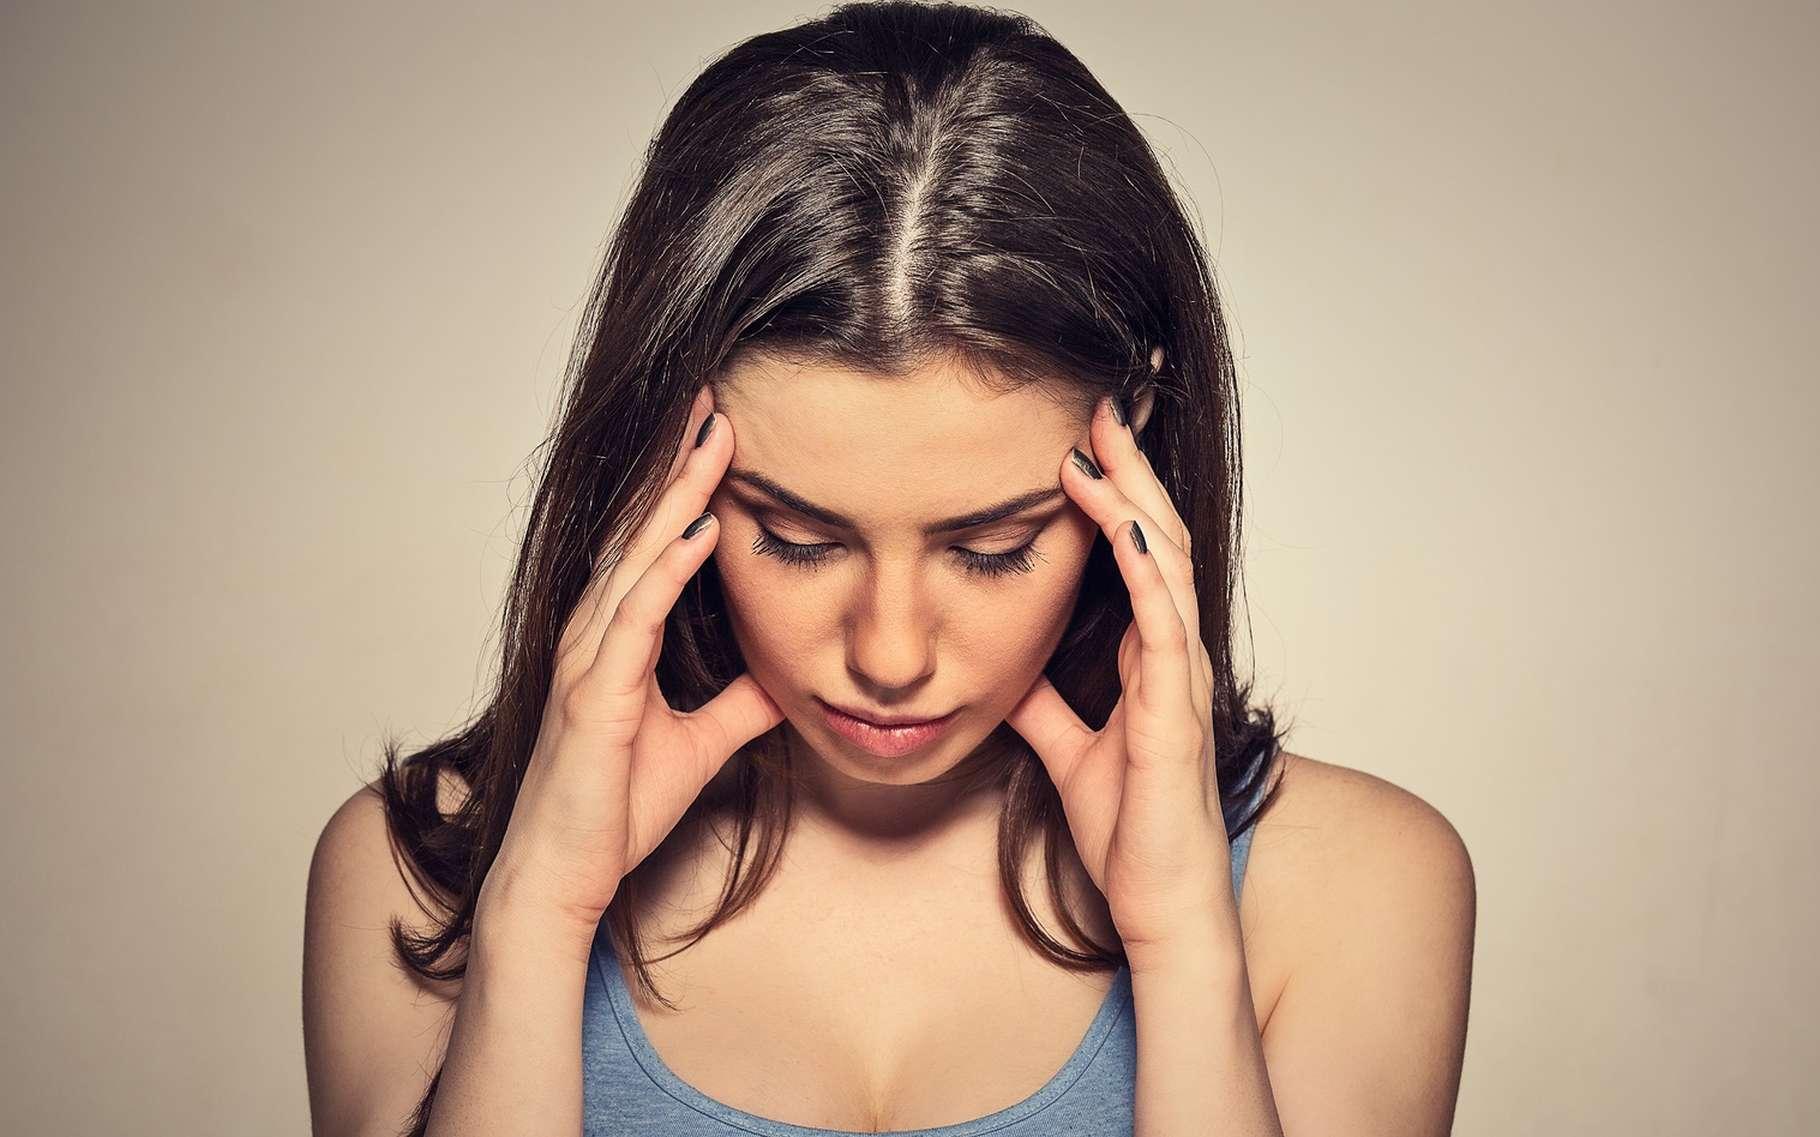 Le sentiment de déjà-vu touche plutôt des personnes jeunes, dans un état de fatigue ou de stress. © pathdoc, Shutterstock